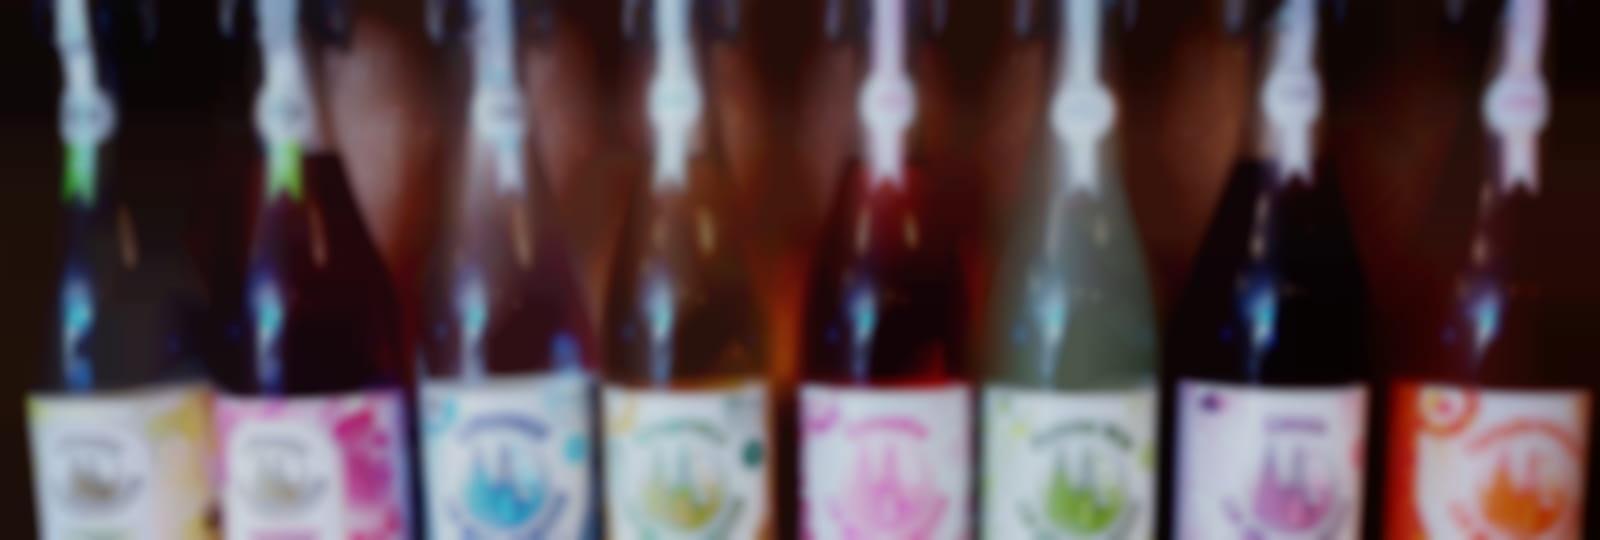 Limonade La Beauceronne et Beauce Cola